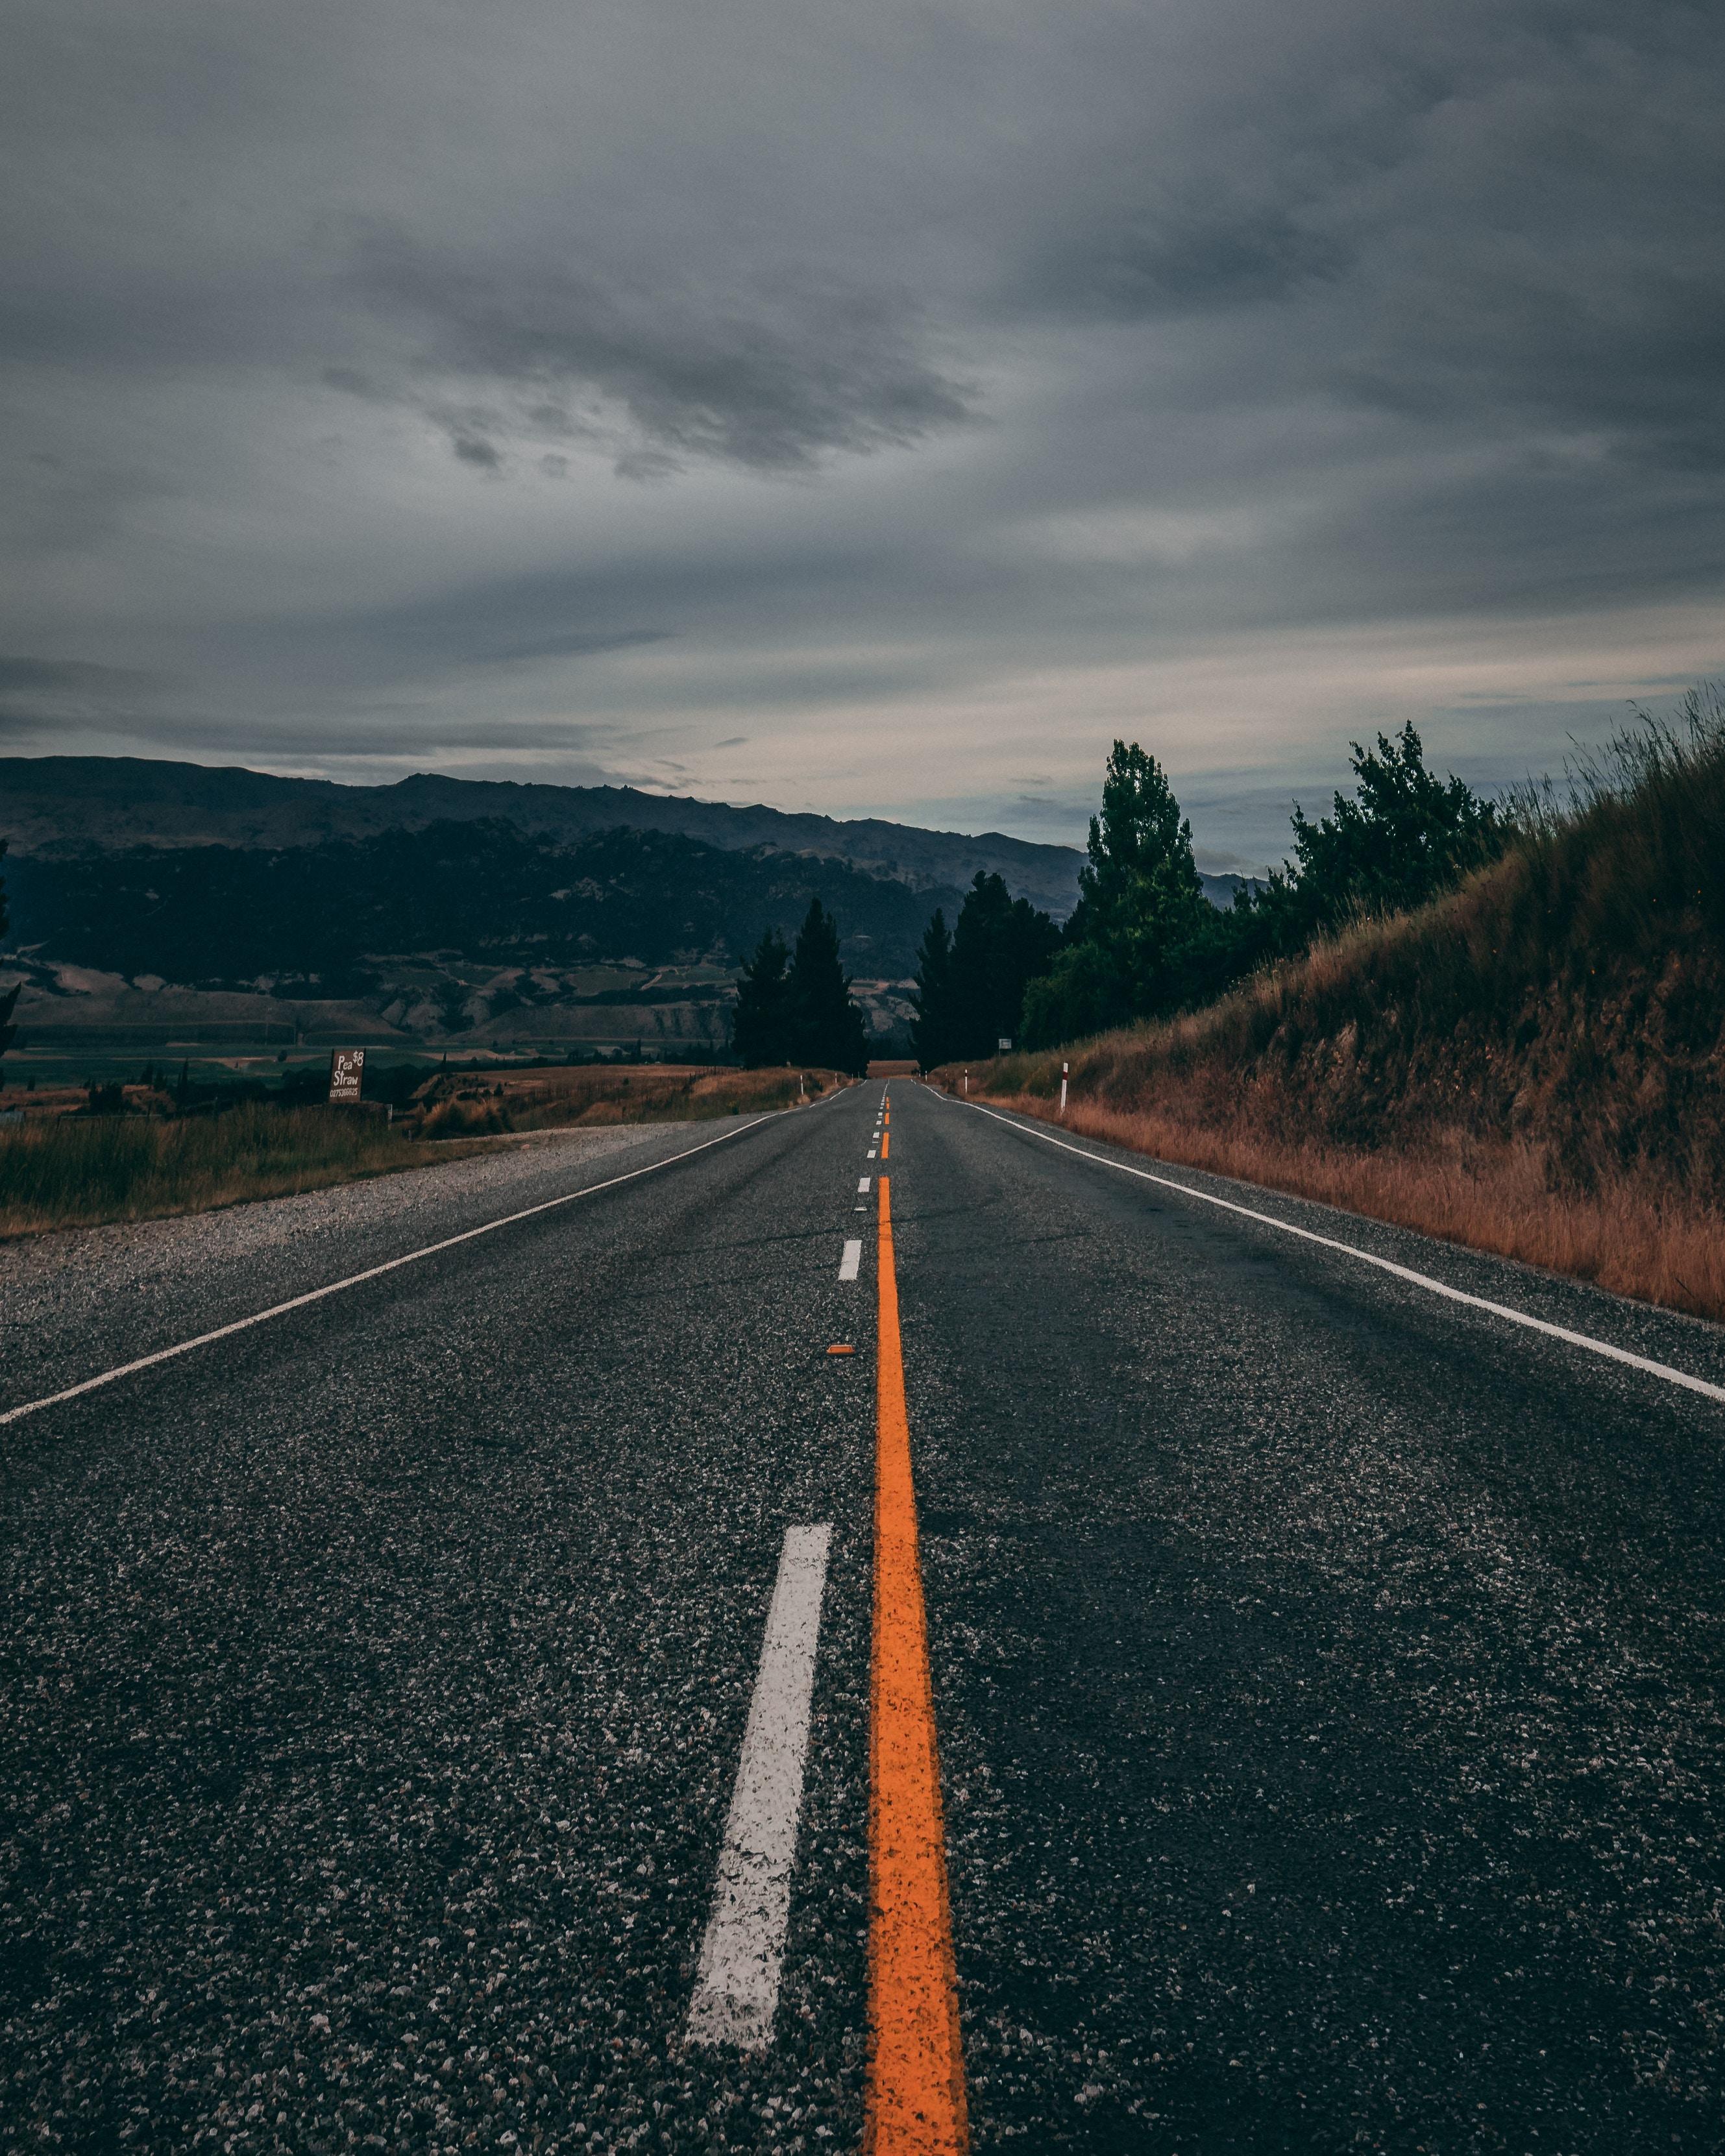 84279 Hintergrundbild 720x1280 kostenlos auf deinem Handy, lade Bilder Natur, Mountains, Neuseeland, Straße, Markup, Richtung 720x1280 auf dein Handy herunter